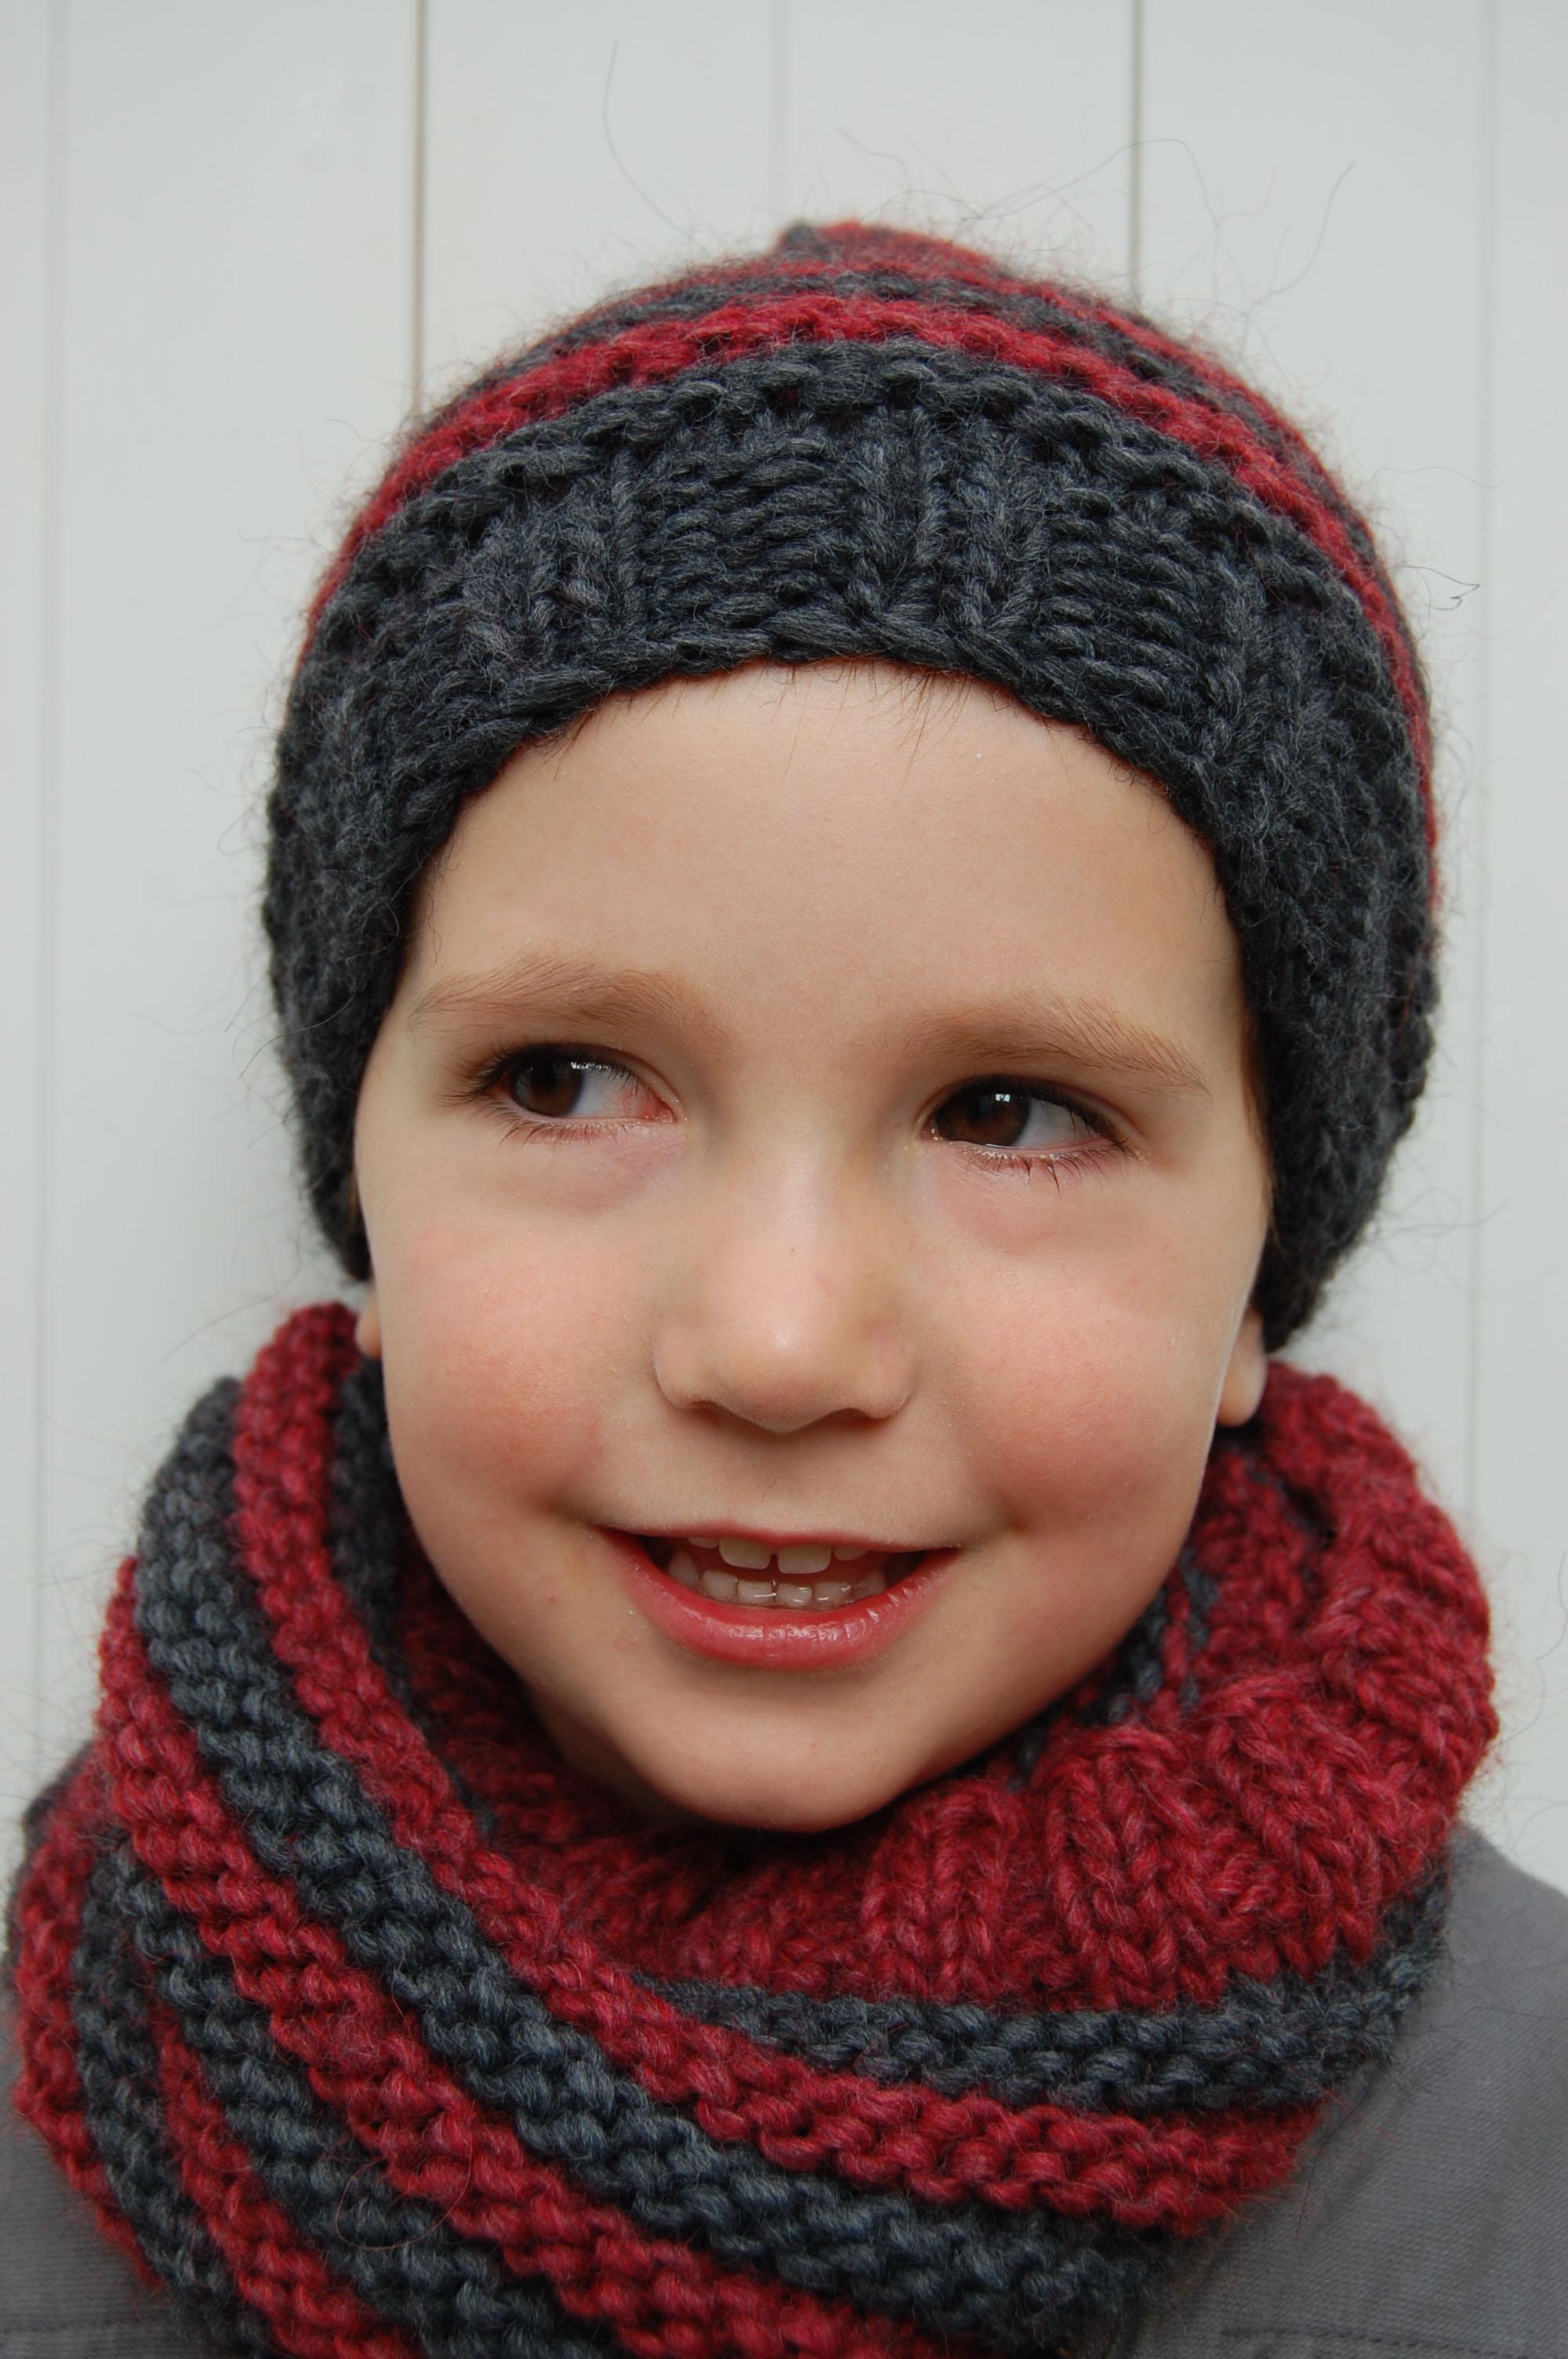 Tricoter un snood garcon - Idées de tricot gratuit 42ce701fd92